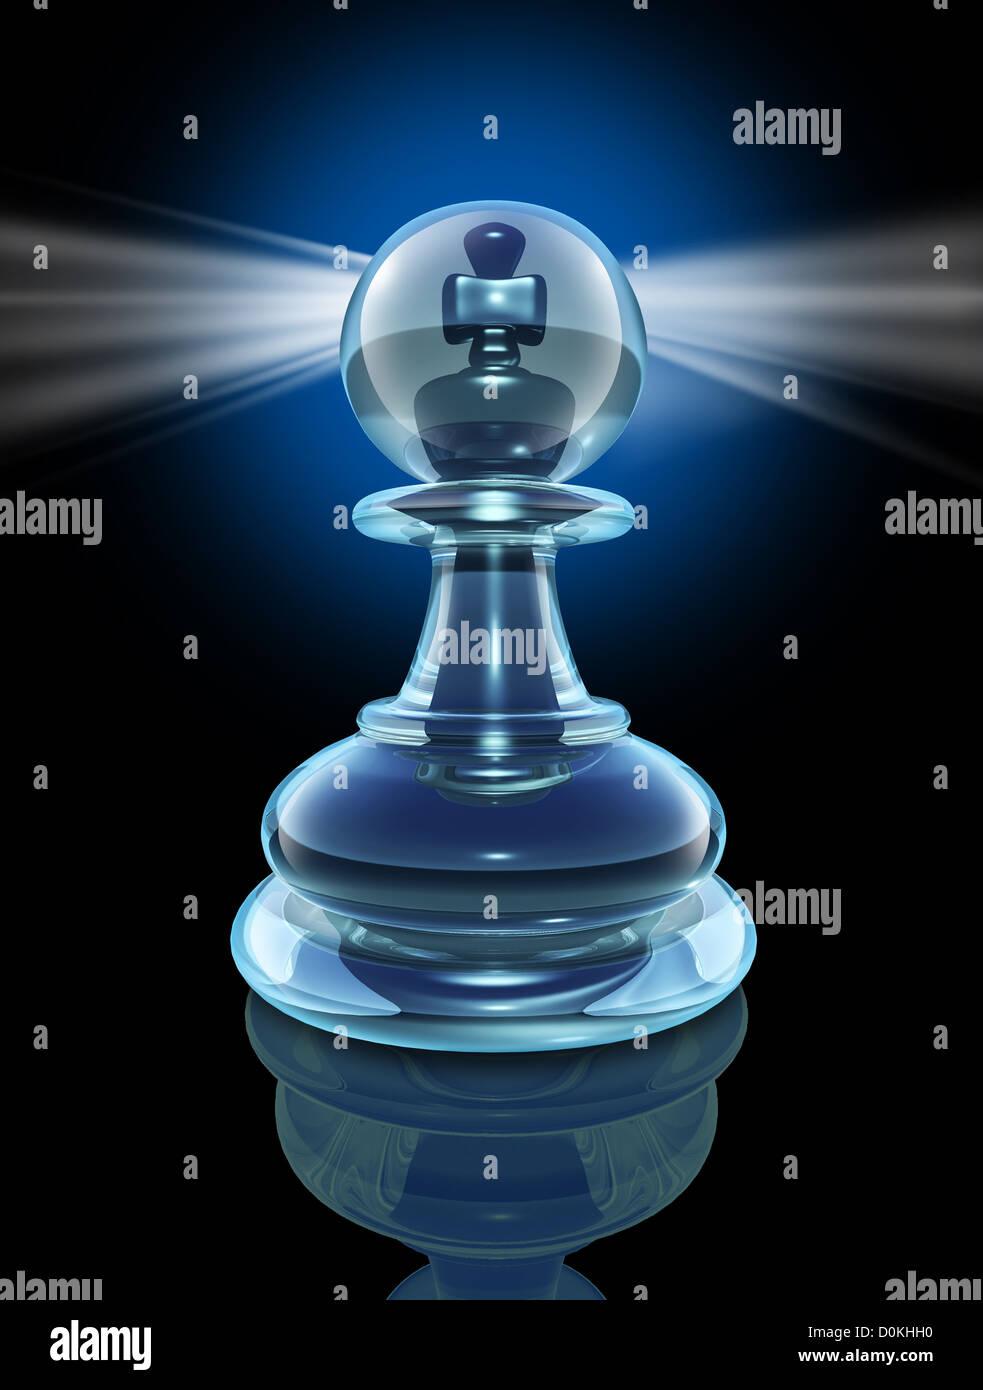 Potenzielle innen und die Macht in, ein großer Führer verwandeln, indem man innen als transparentes Glas Stockbild